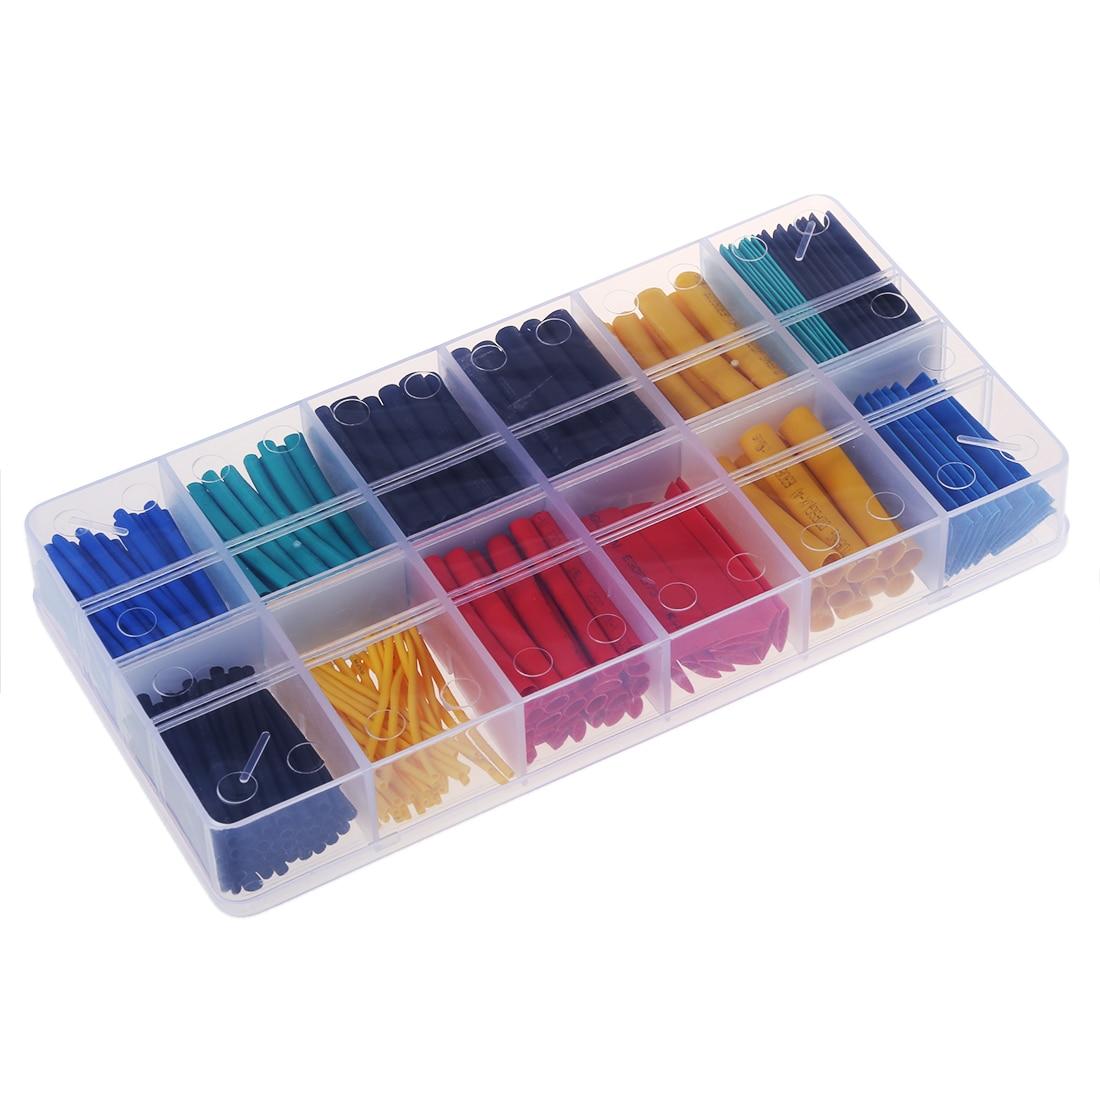 280pcs Shrink sleeve Shrink Tube thermosetting box 1 to 10mm 2: 1 Ratio280pcs Shrink sleeve Shrink Tube thermosetting box 1 to 10mm 2: 1 Ratio